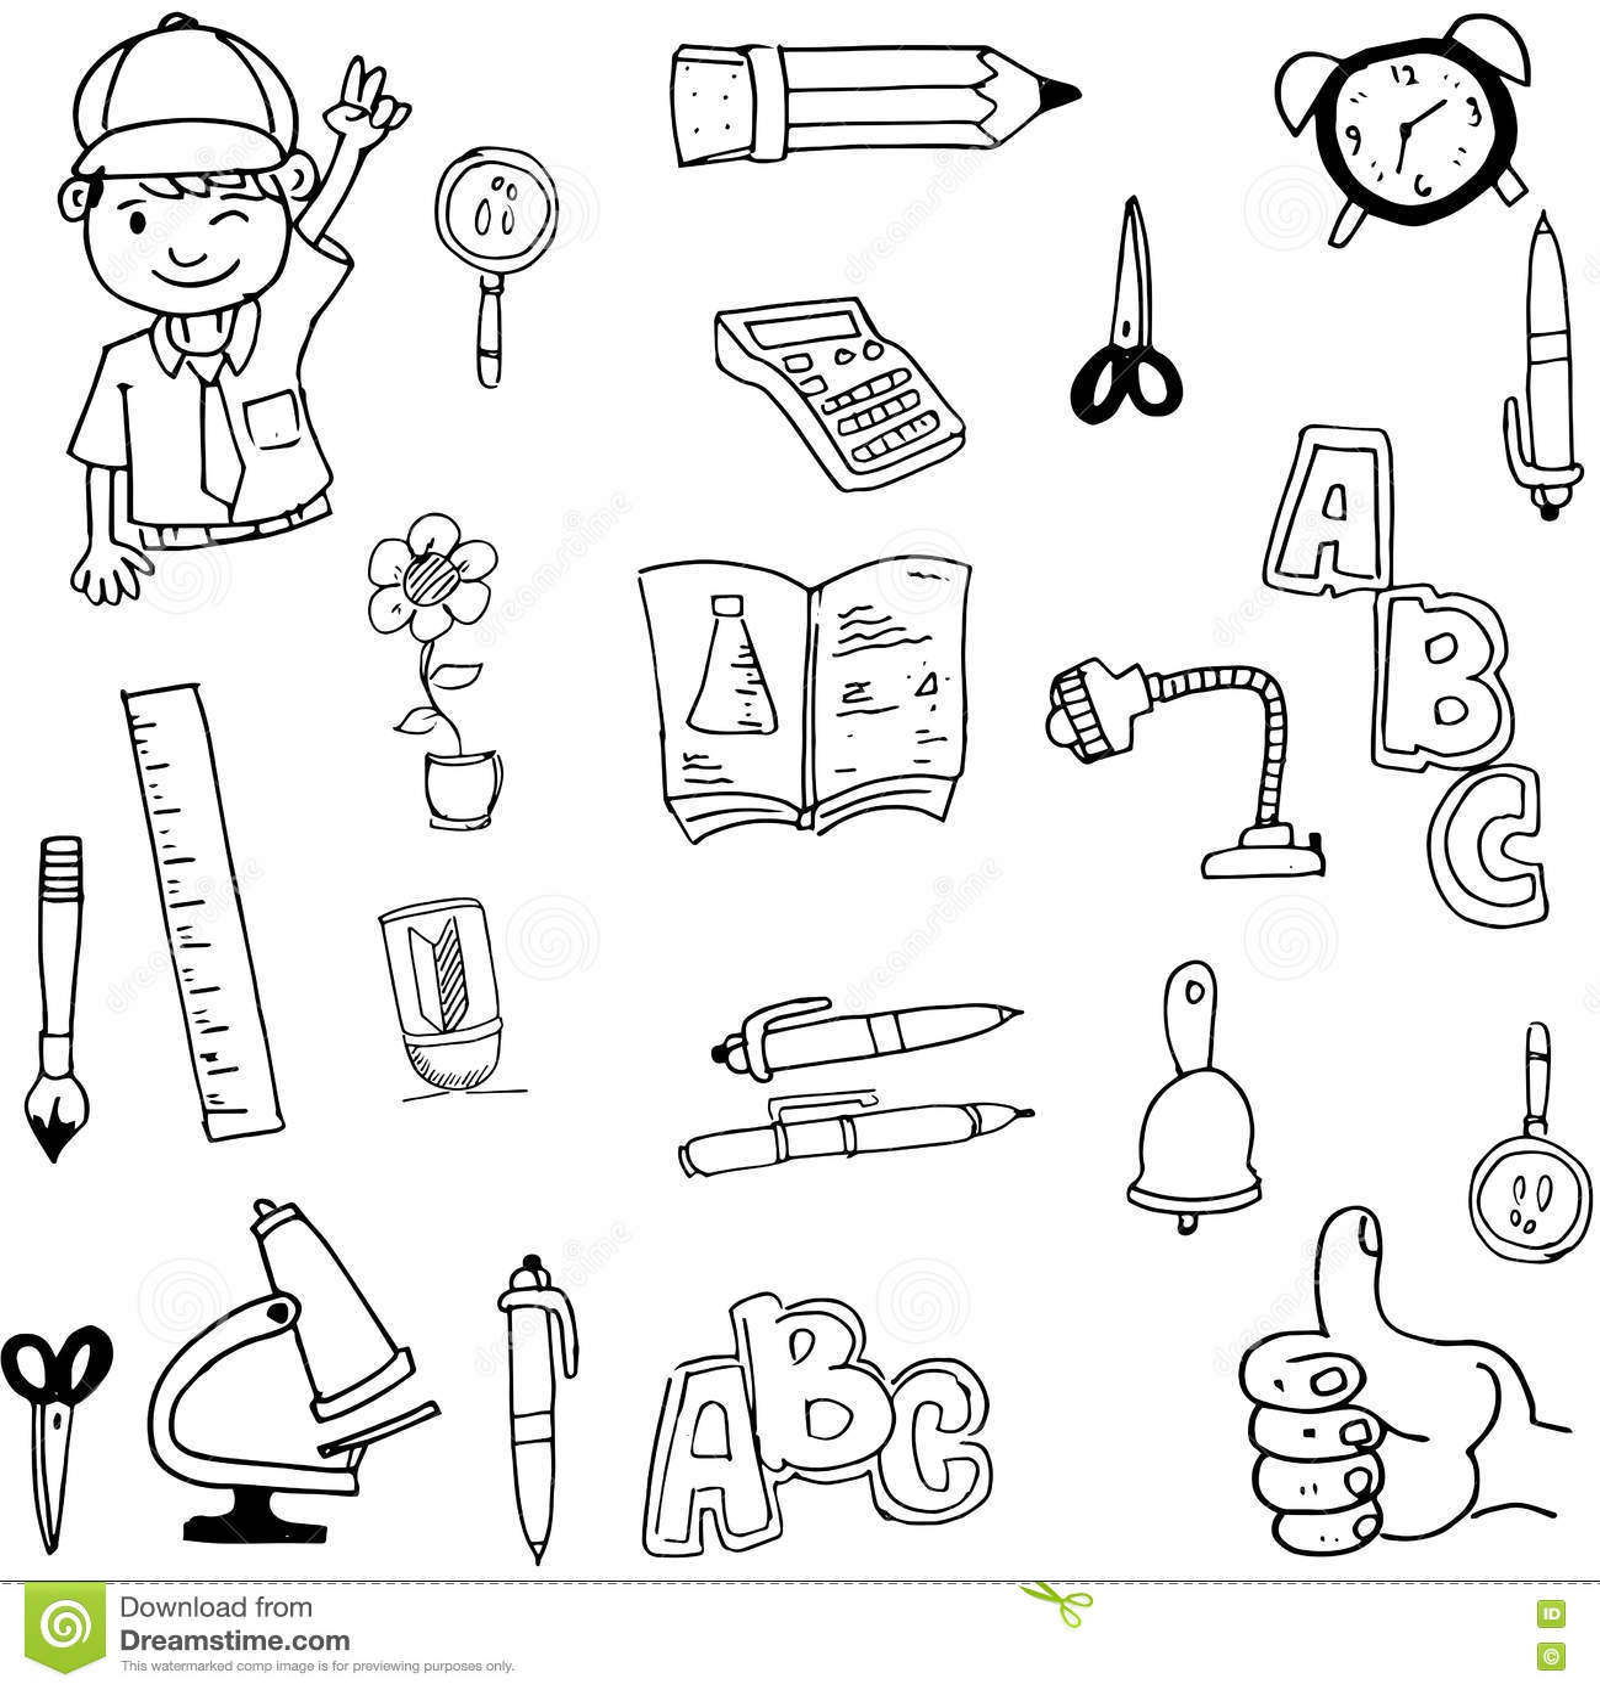 Doodle Of Tools School Hand Draw Stock Vector